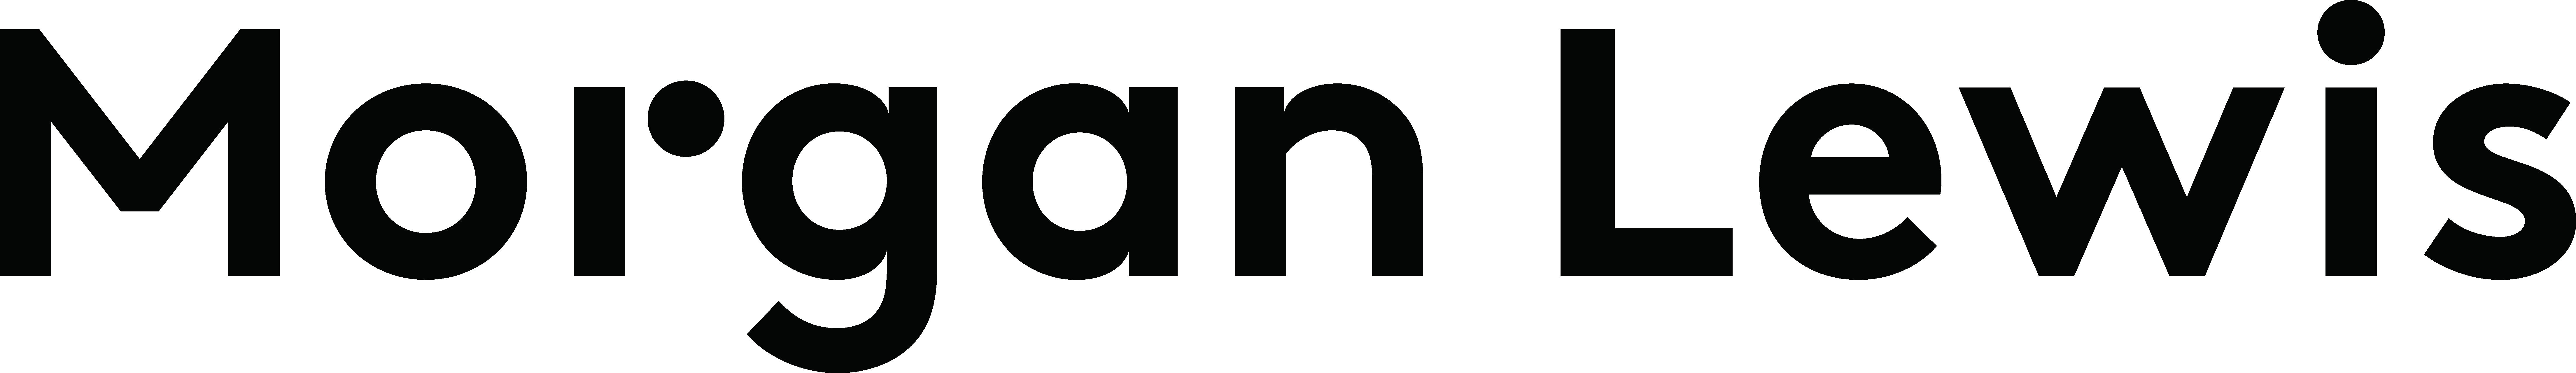 morgan-lewis-logo